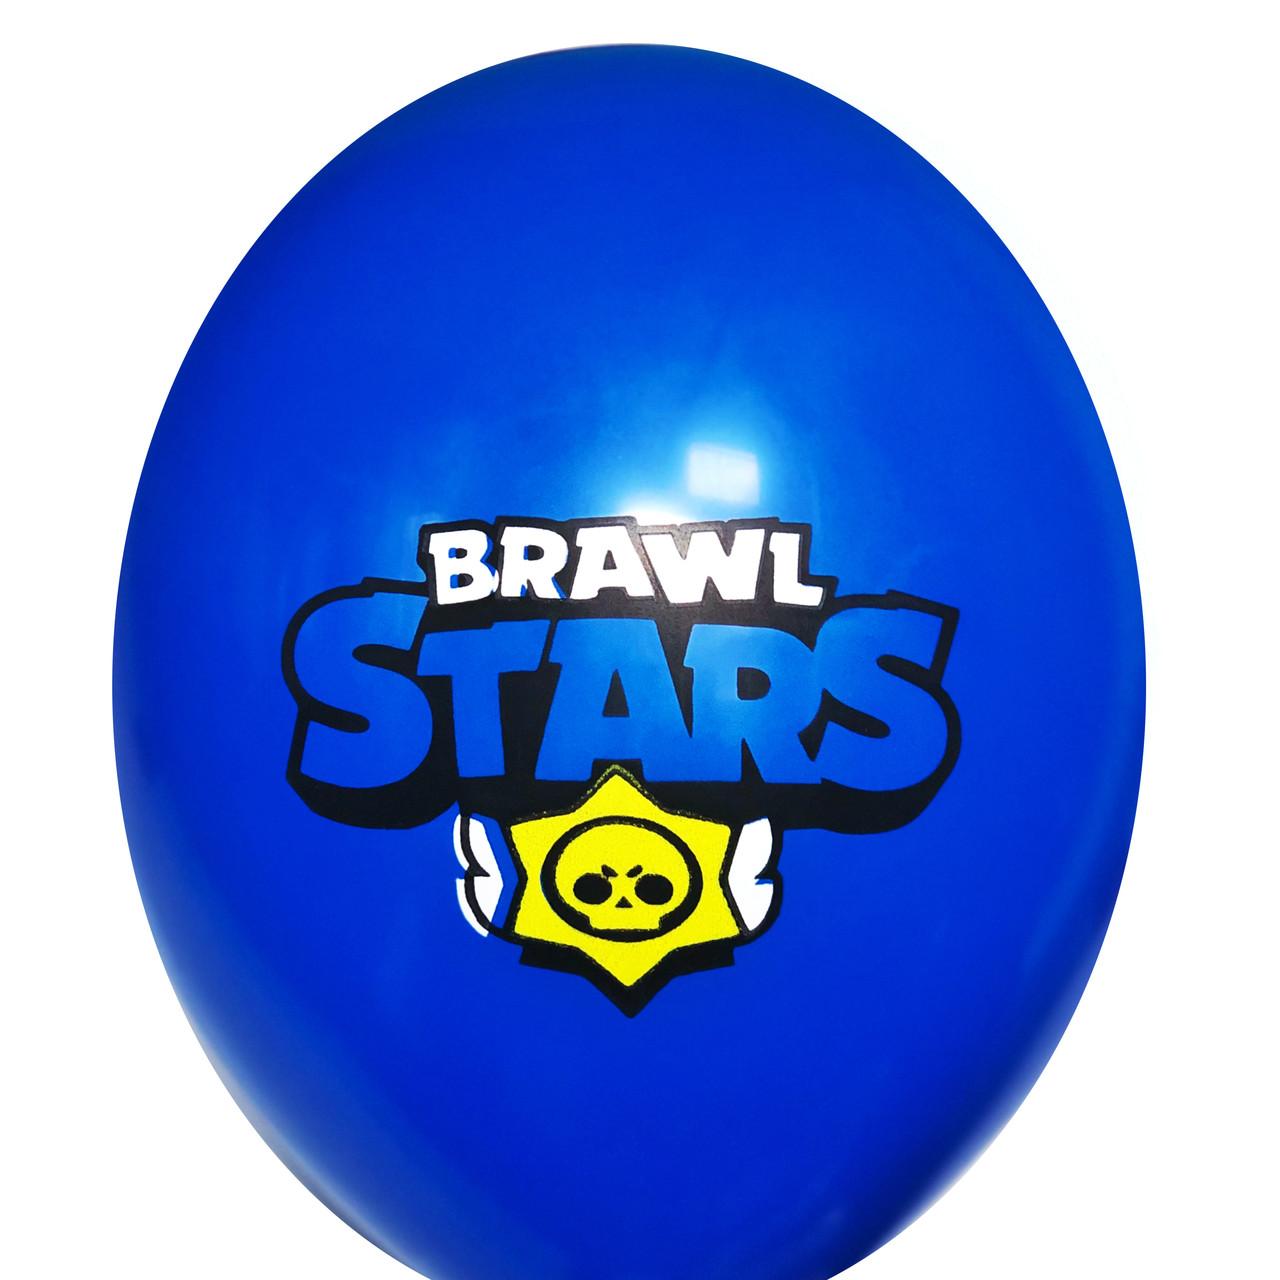 """0323 Шар 12"""" (30 см) Brawl Stars / Бравл Старс эмблема на синем (BelBal)"""